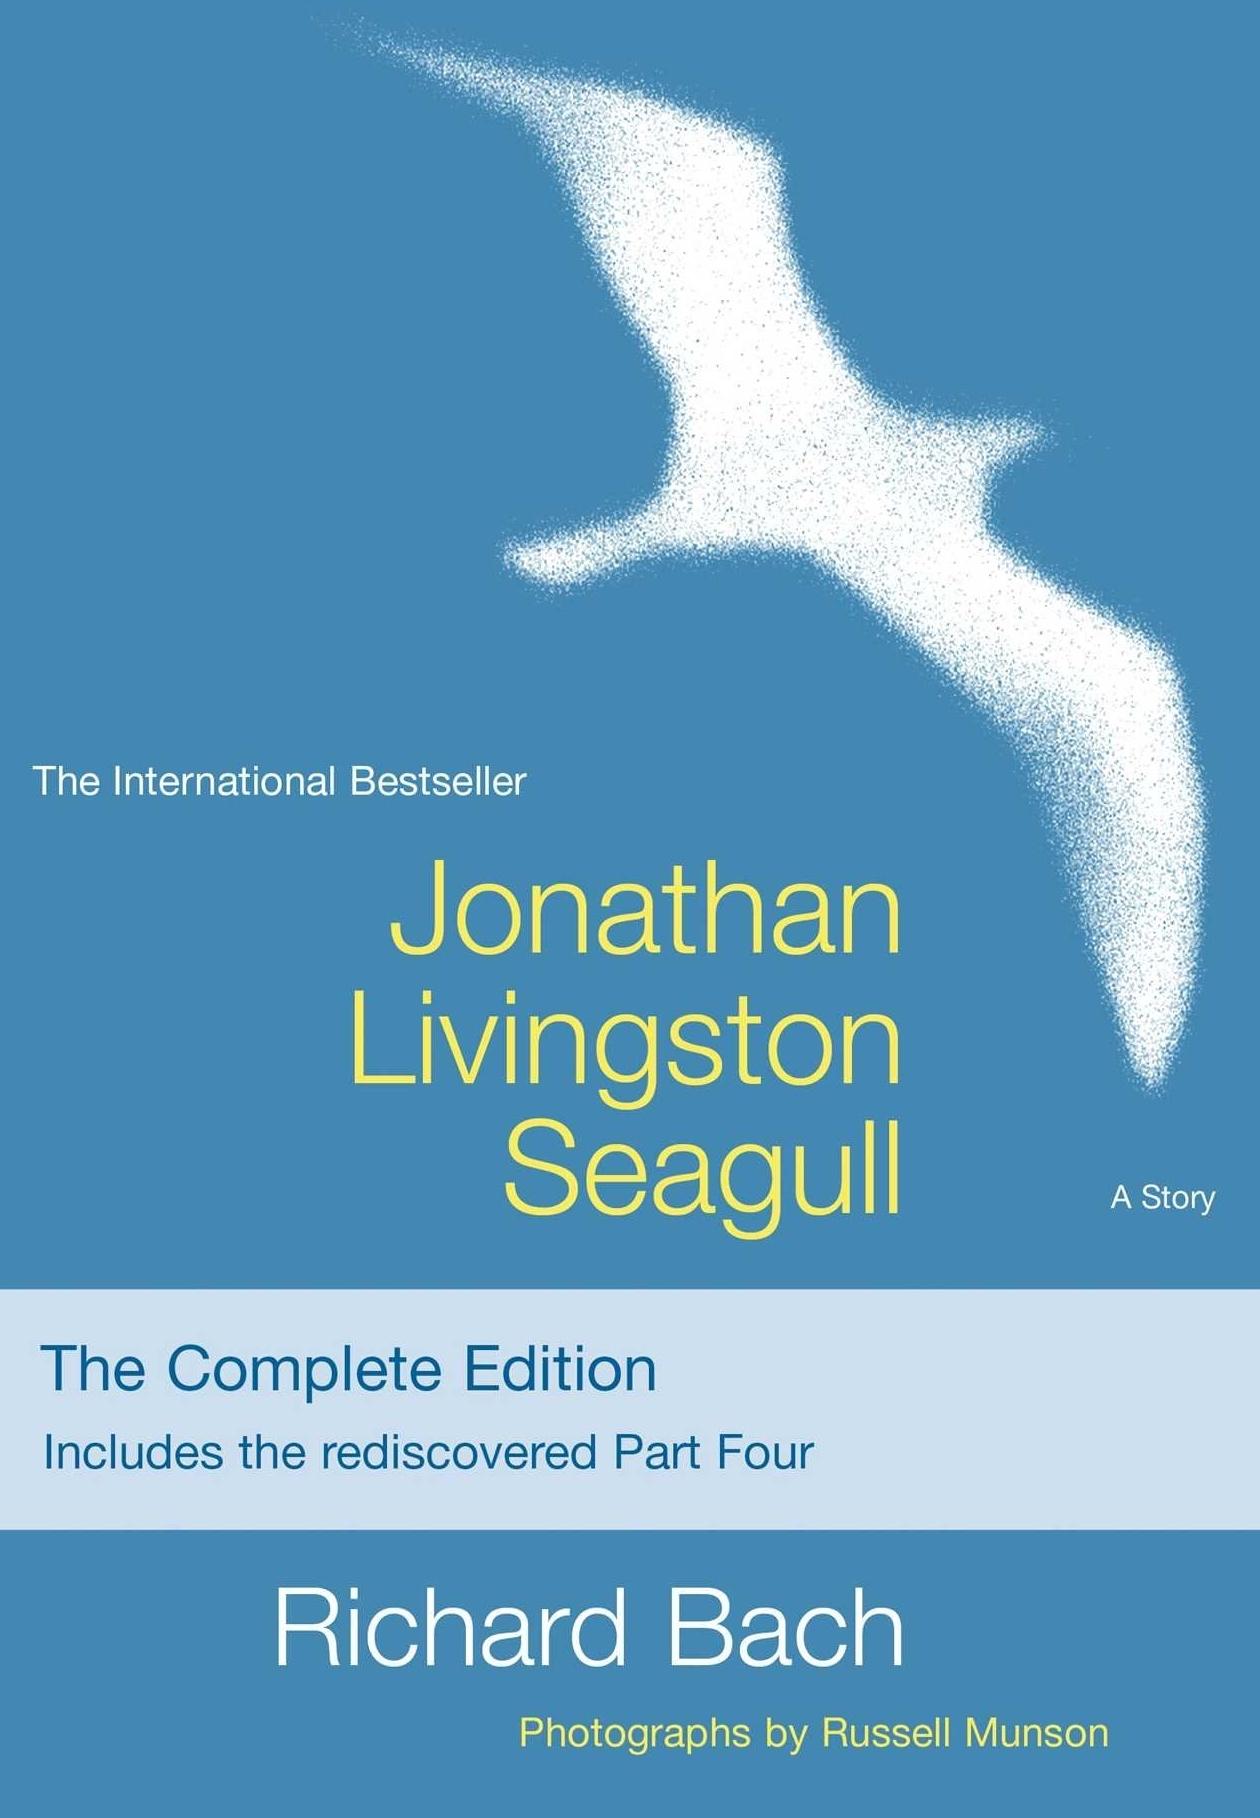 jonathan livingston seagull_square.jpg